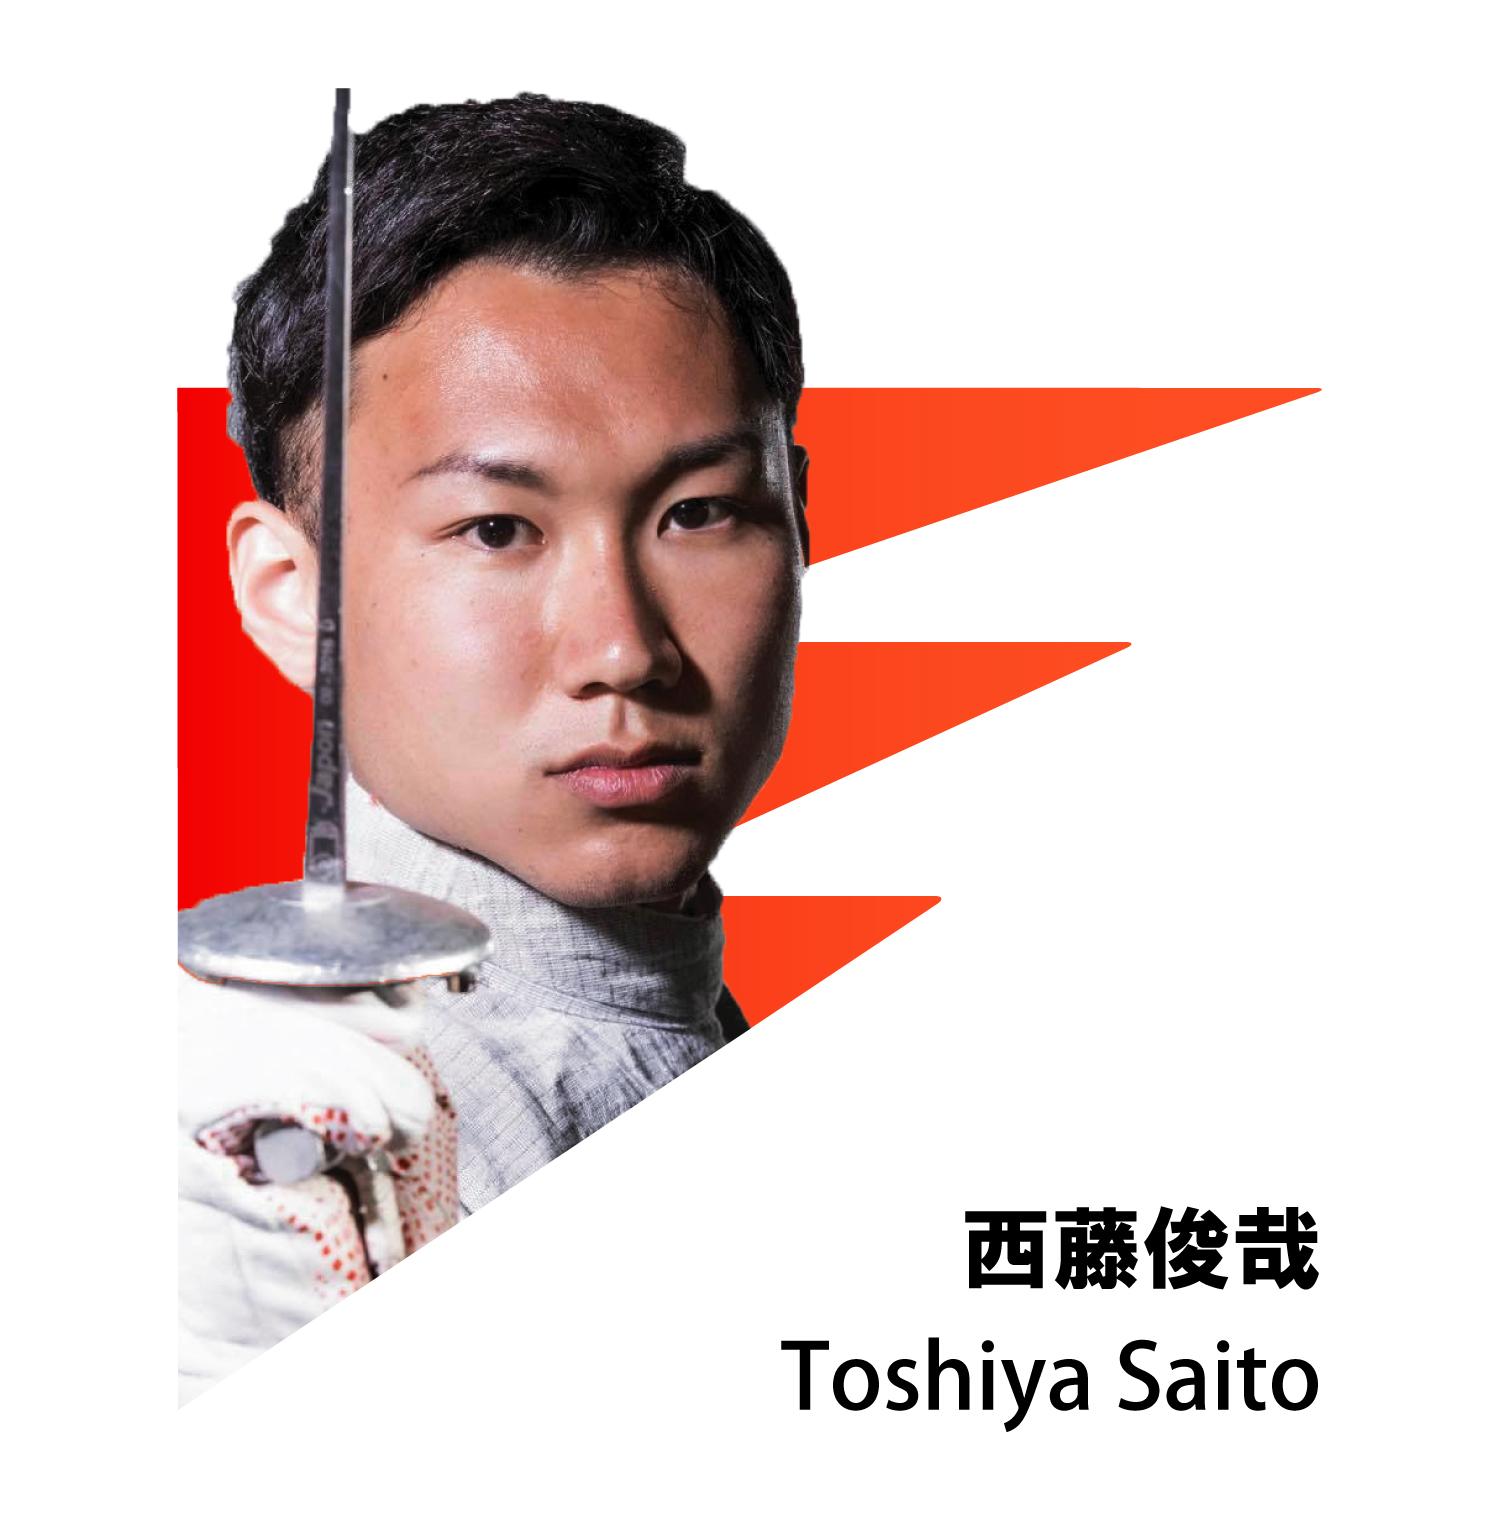 TOSHIYA SAITO